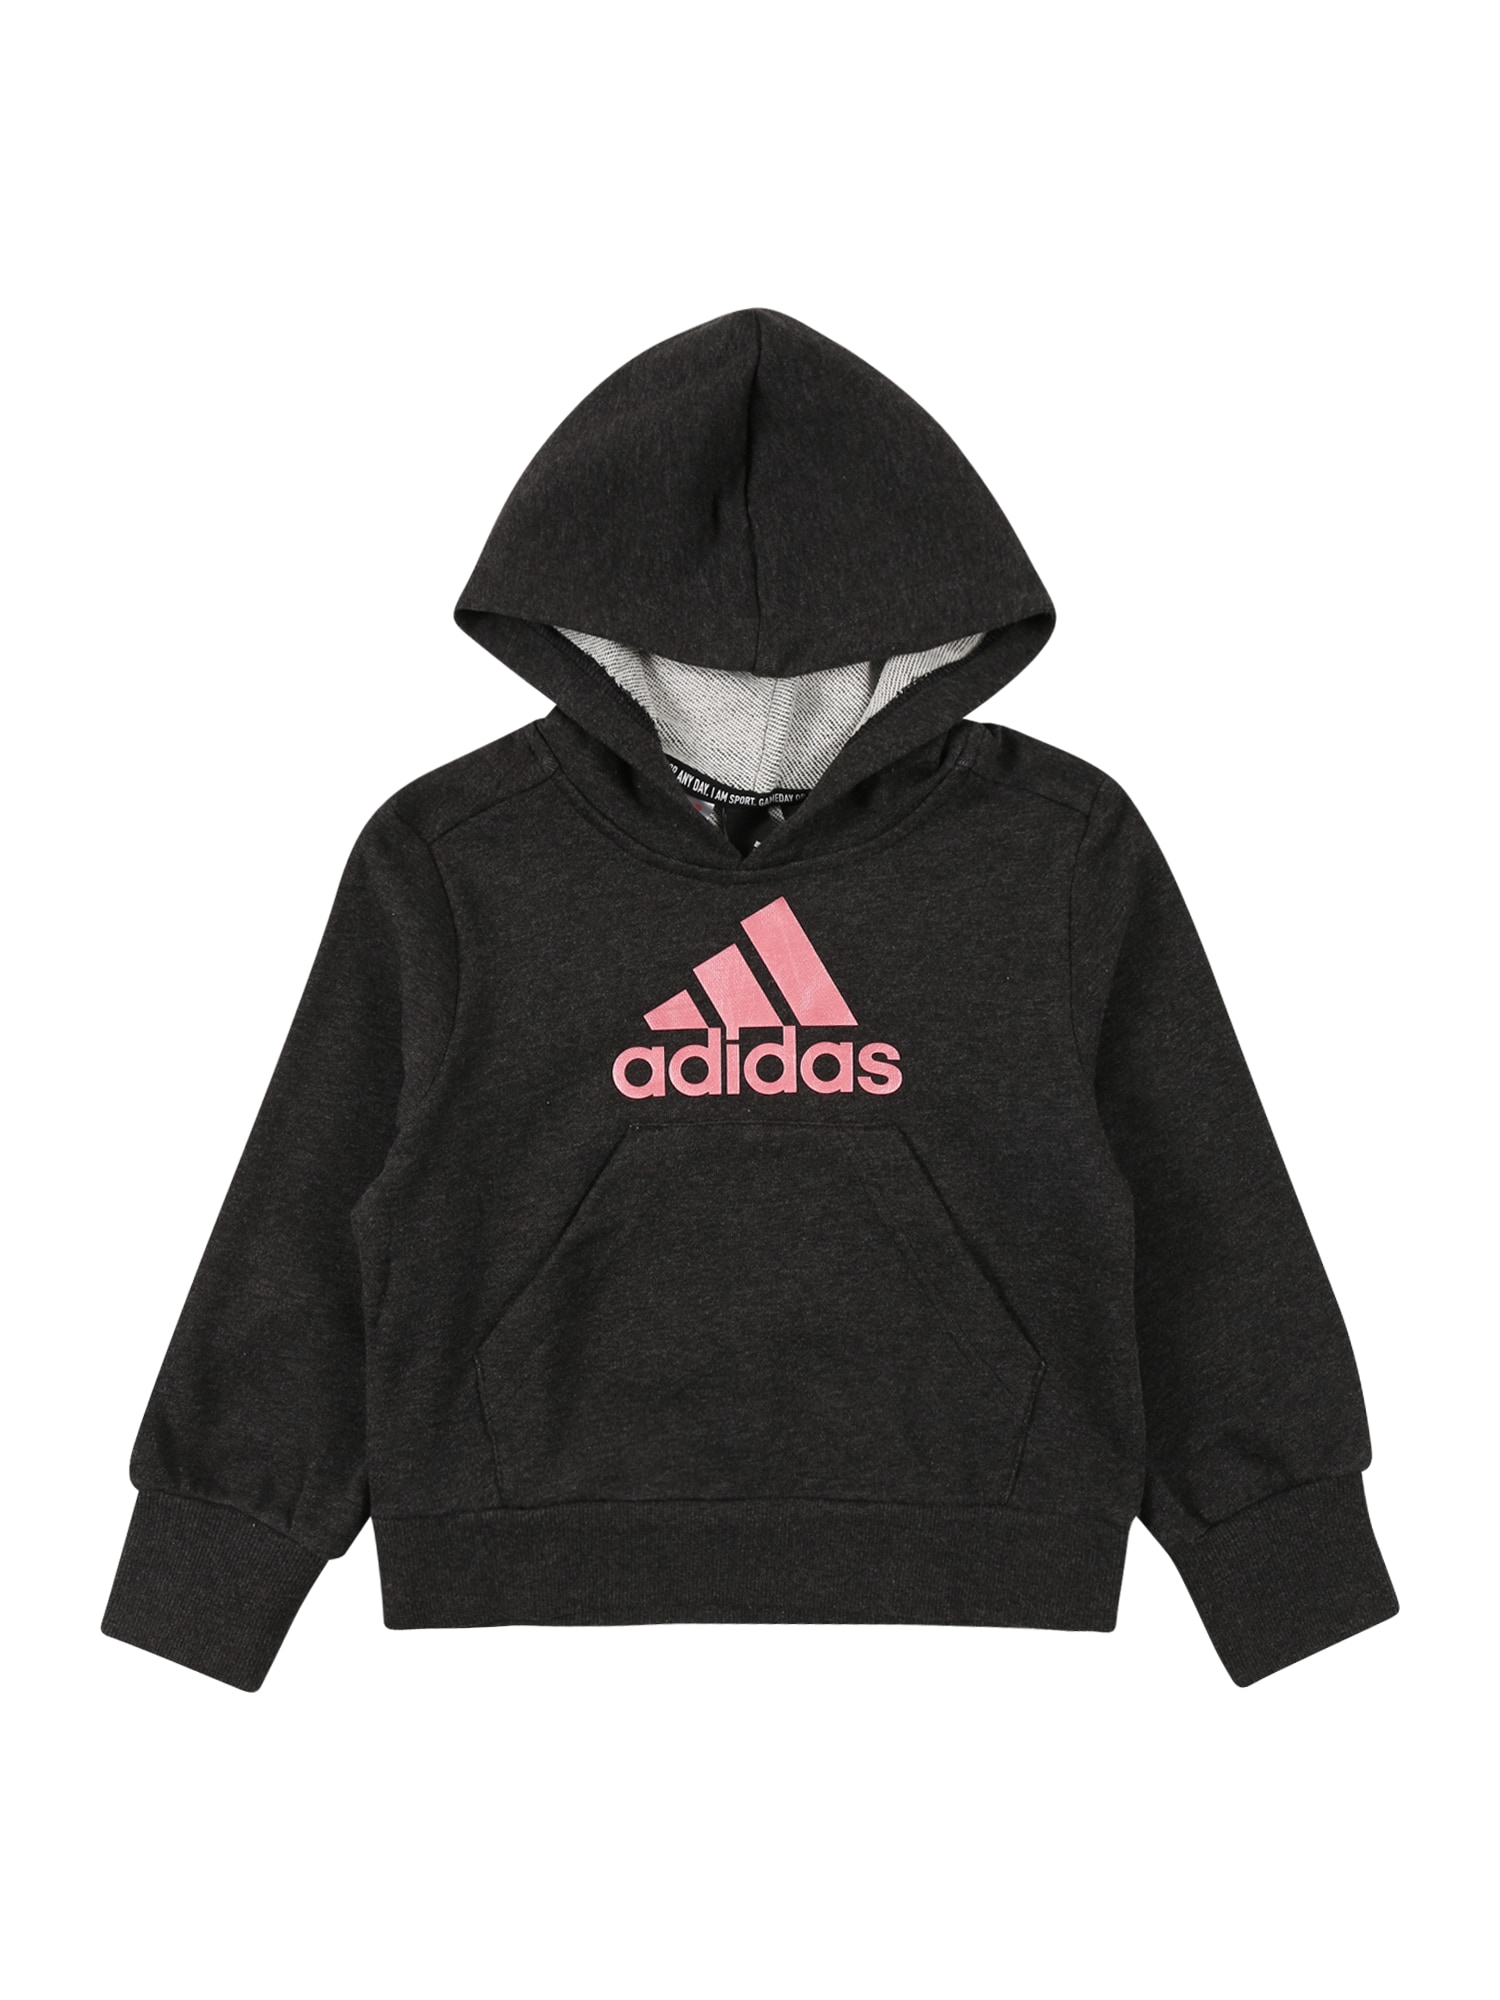 ADIDAS PERFORMANCE Sportinio tipo megztinis margai juoda / rožinė